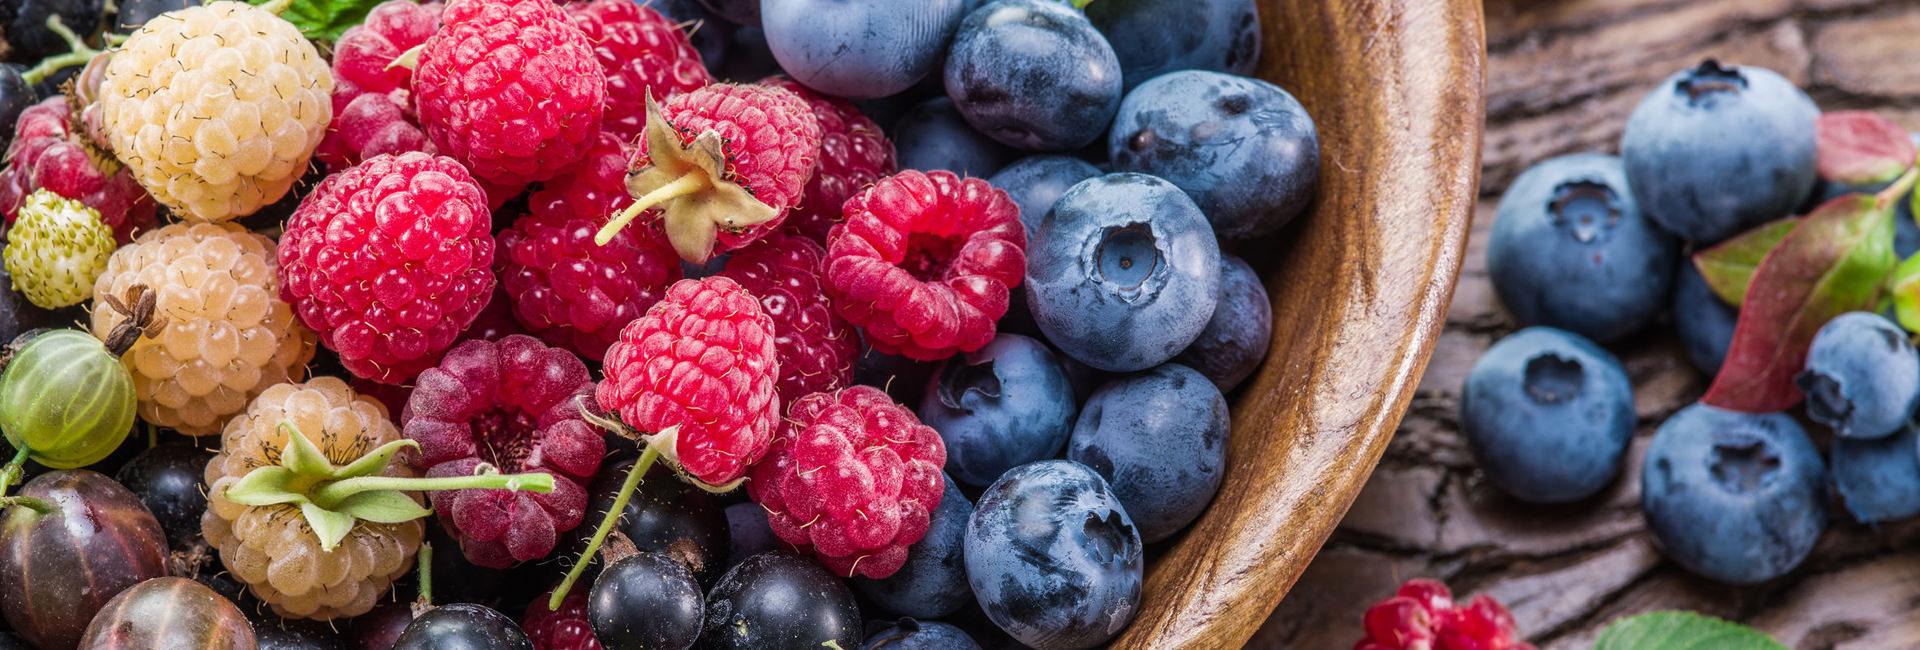 Biophotonen: Lebensenergie in Lebensmitteln